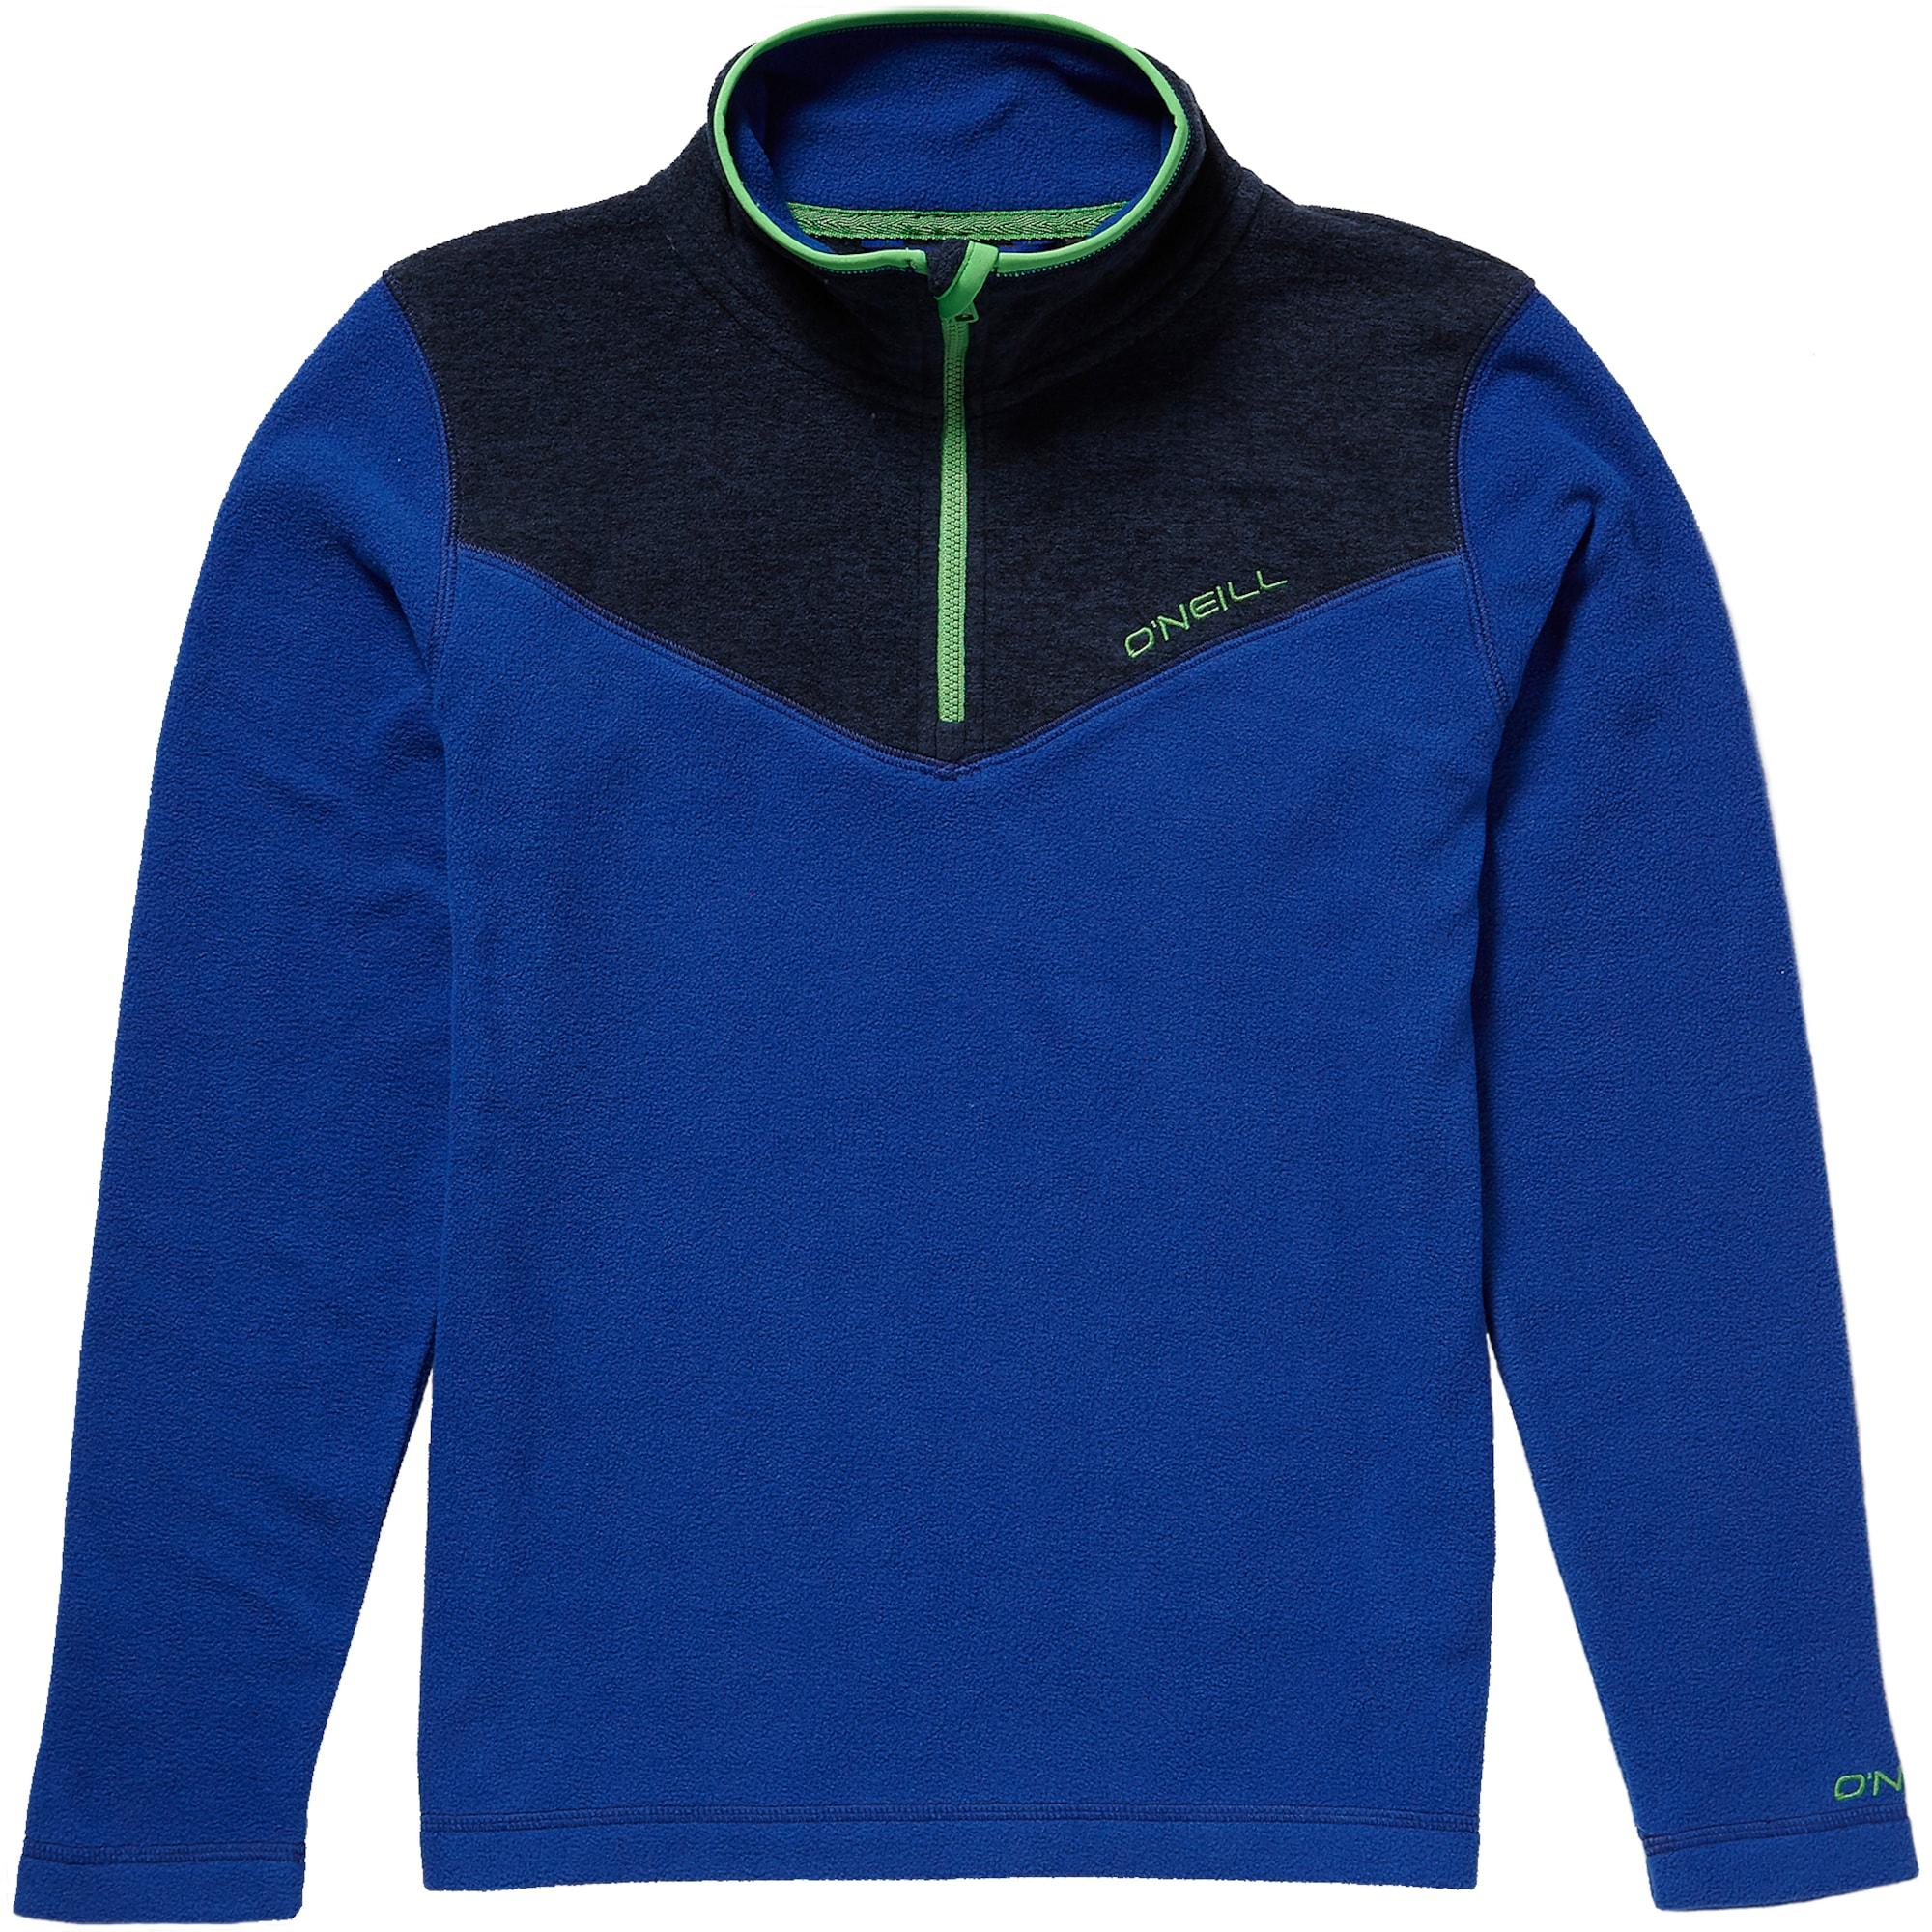 ONEILL Sportovní svetr PB RAILS HZ FLEECE modrá námořnická modř O'NEILL